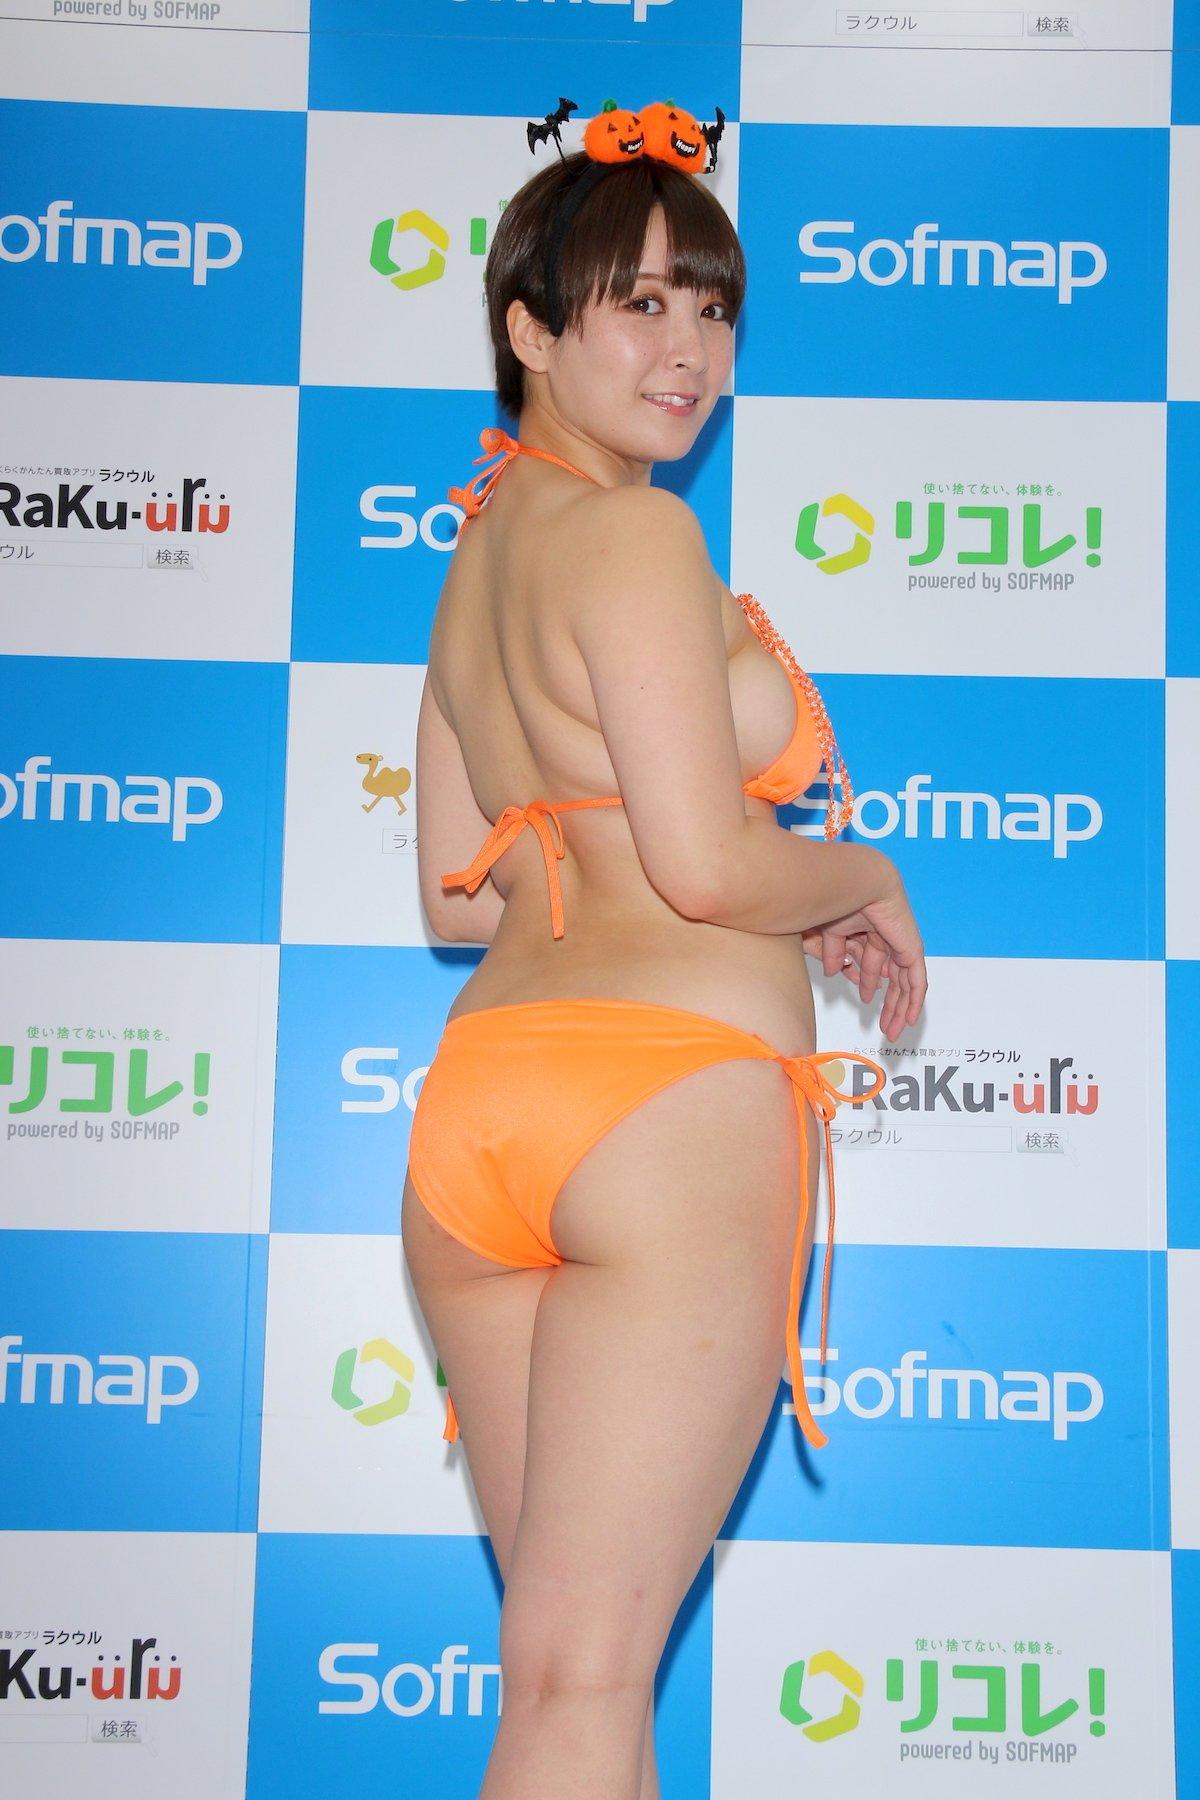 紺野栞「SM嬢に初挑戦」ムチを覚えて感動しました【画像49枚】の画像010